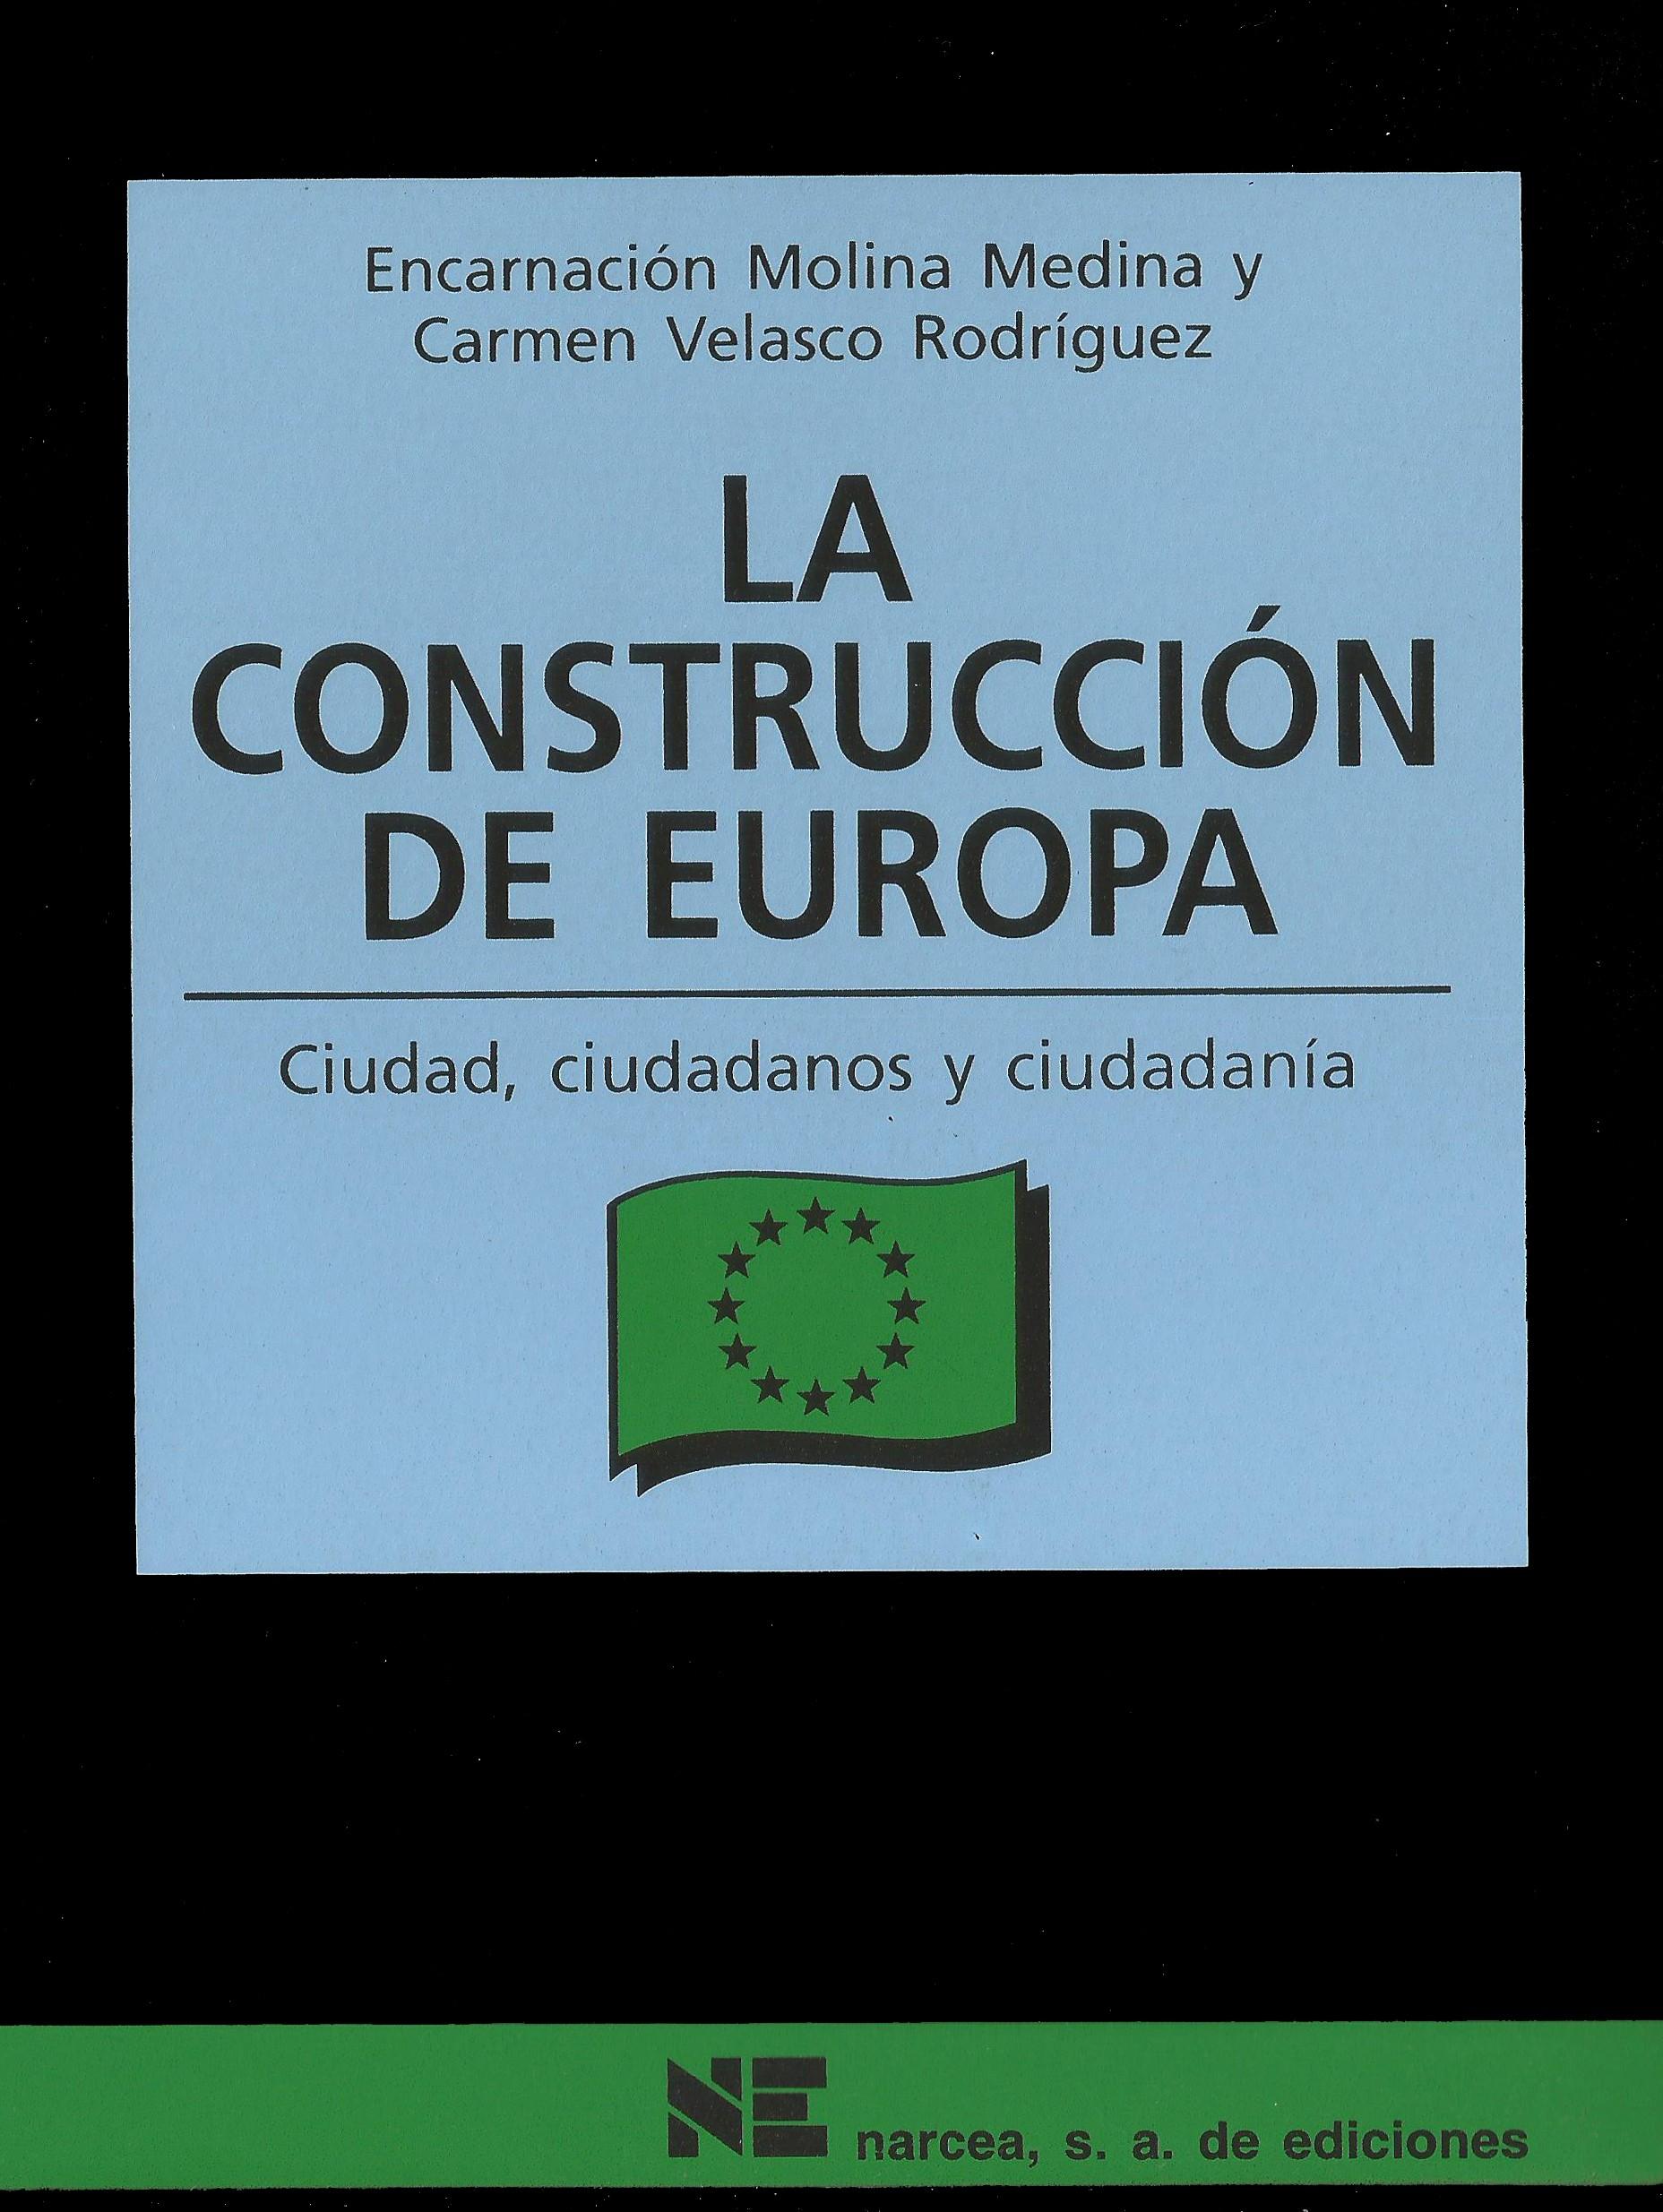 La construcción de Europa